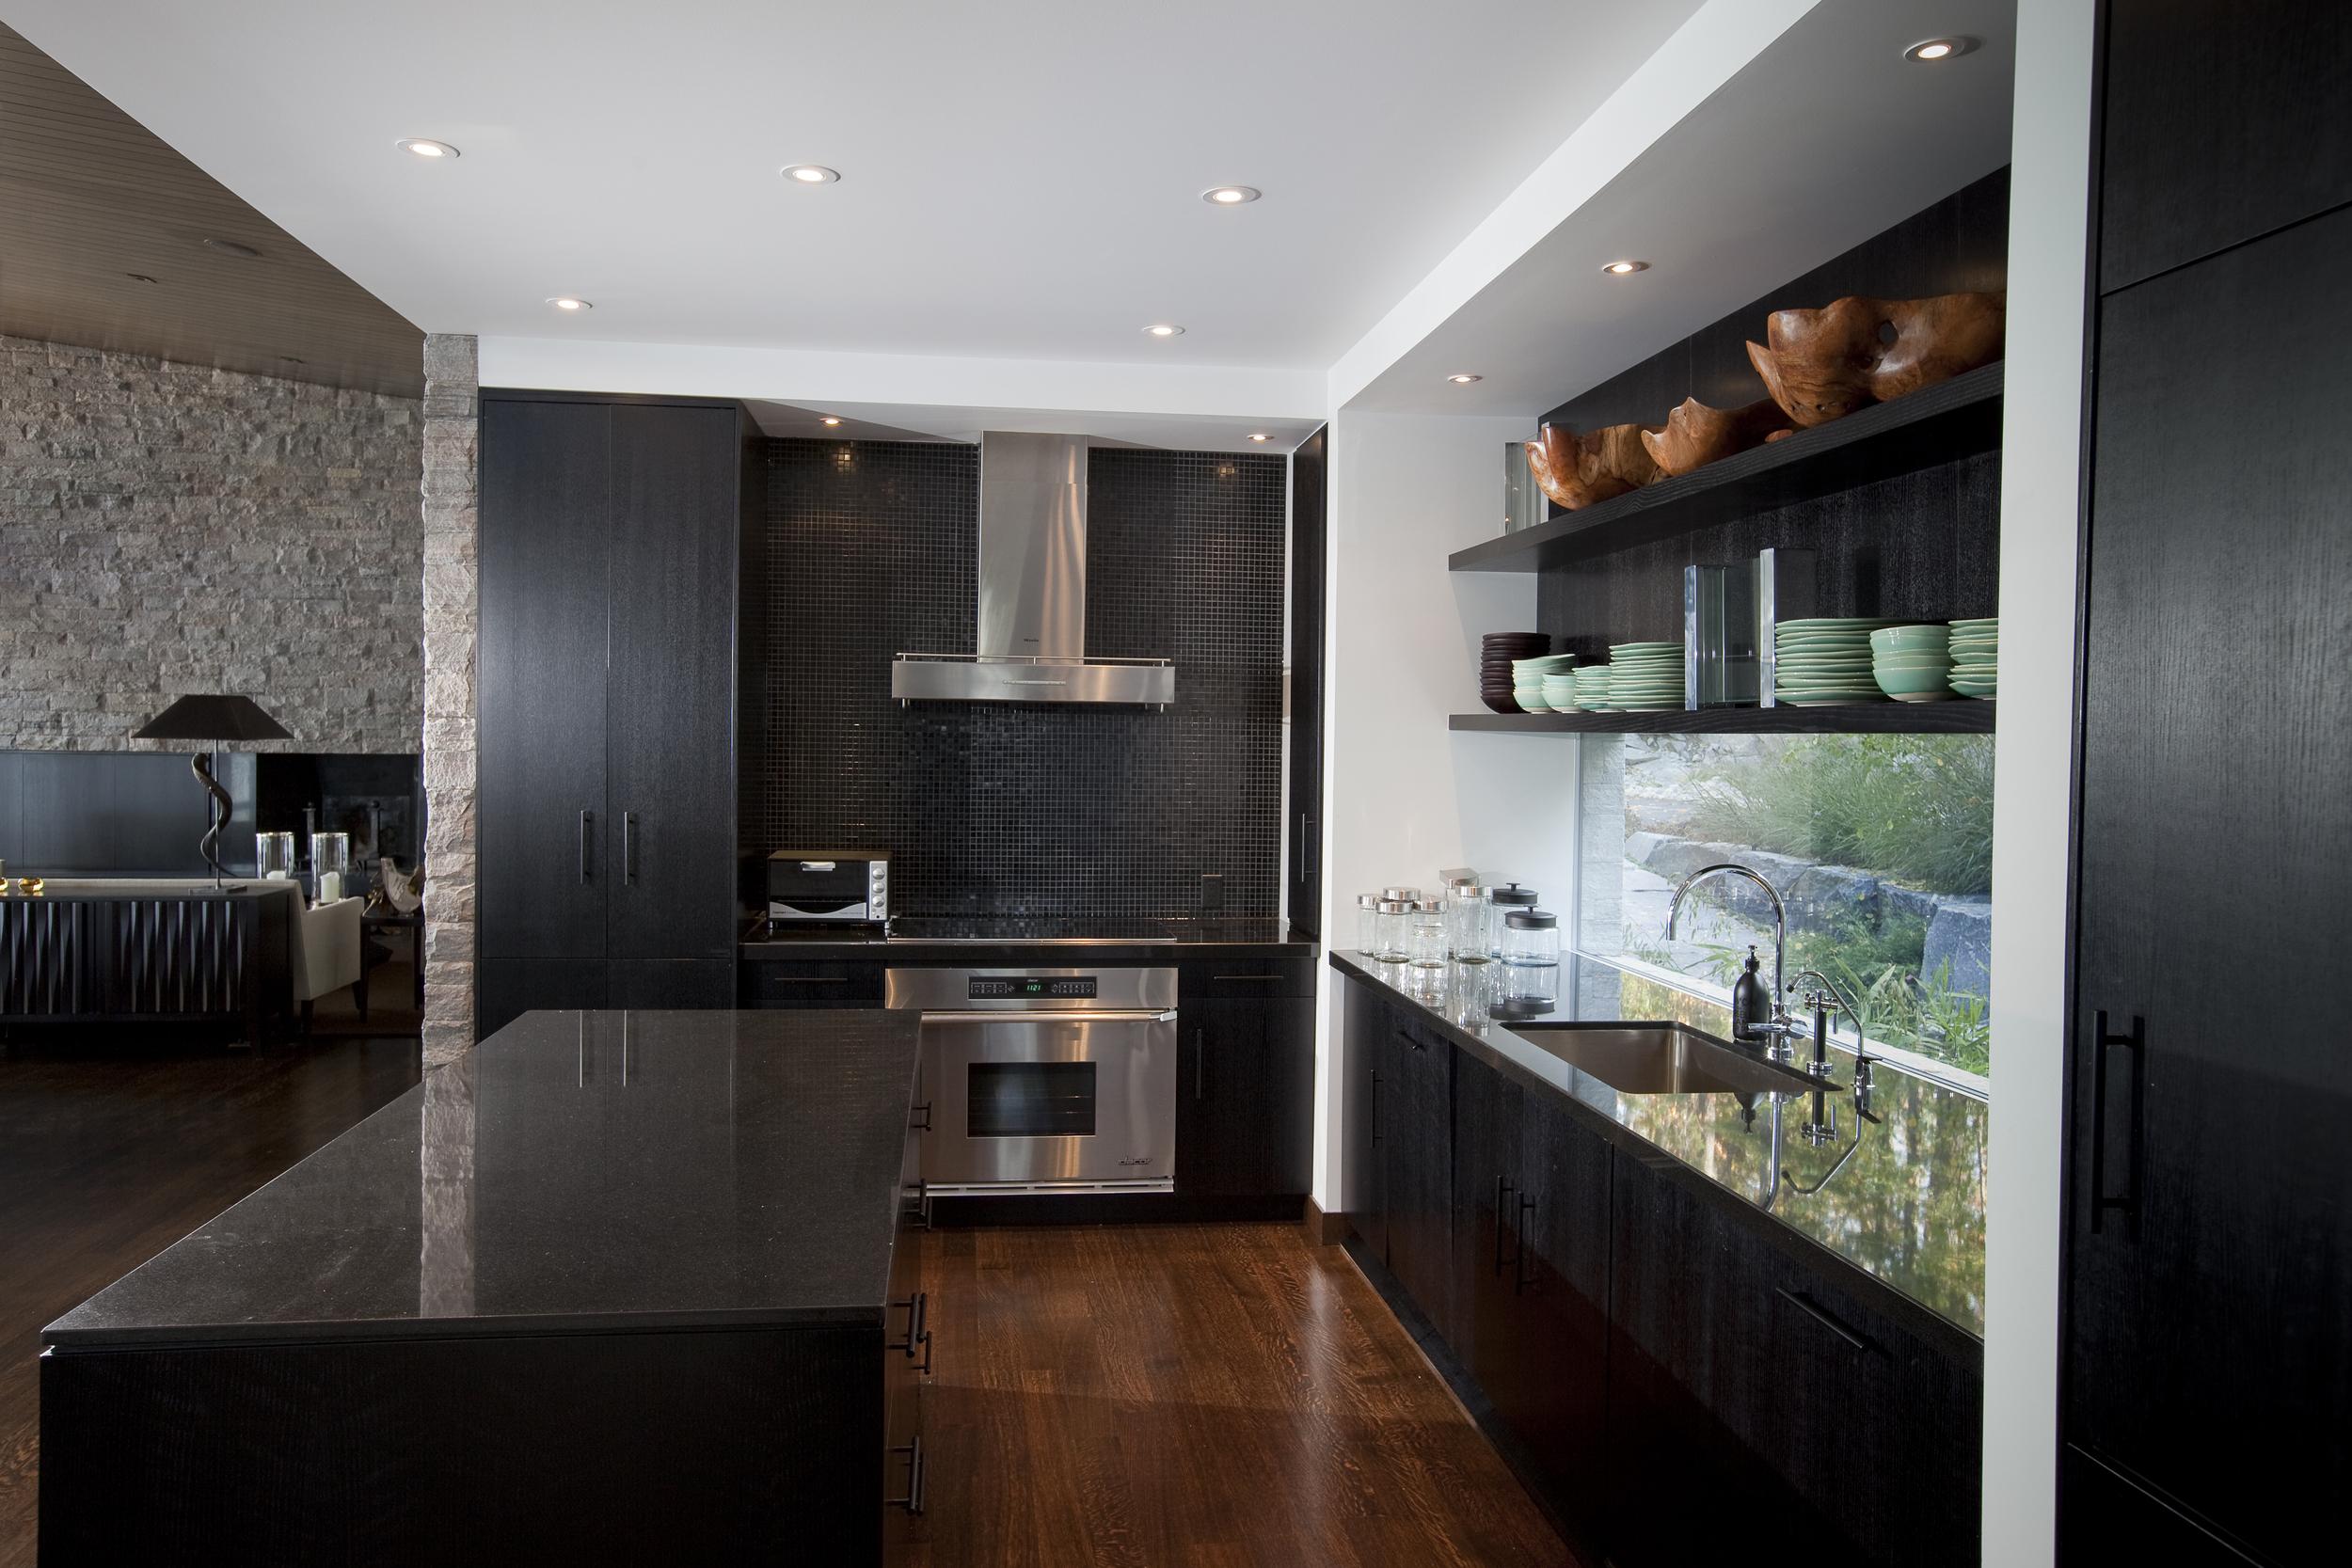 minimalist kitchen with modern appliances and kitchen island